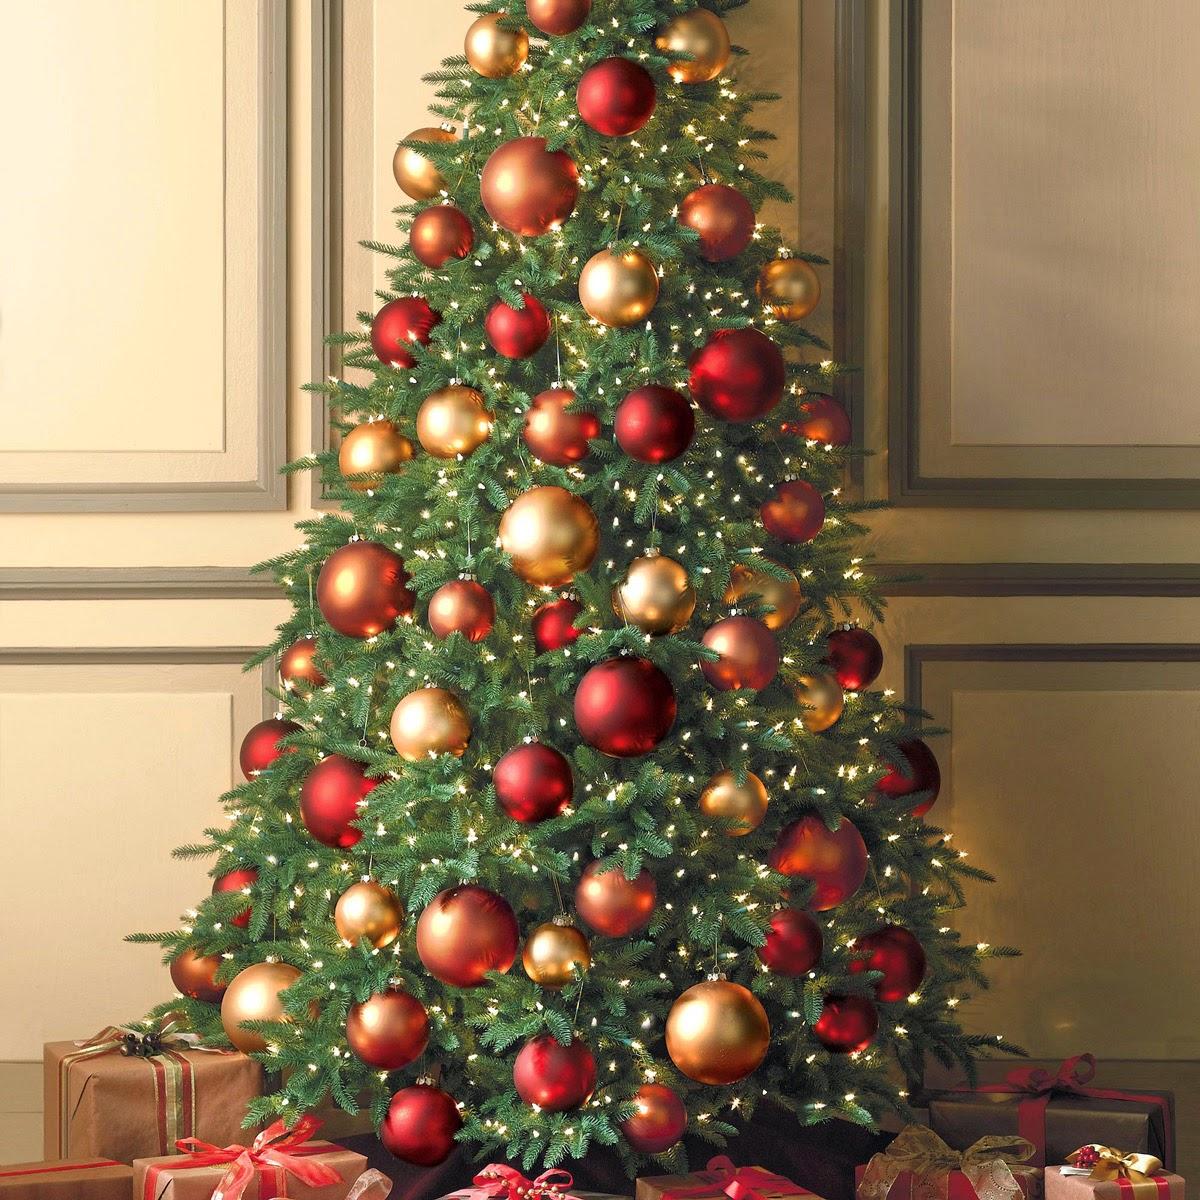 Arboles de navidad con esferas parte 1 for Arbol de navidad con bolas rojas